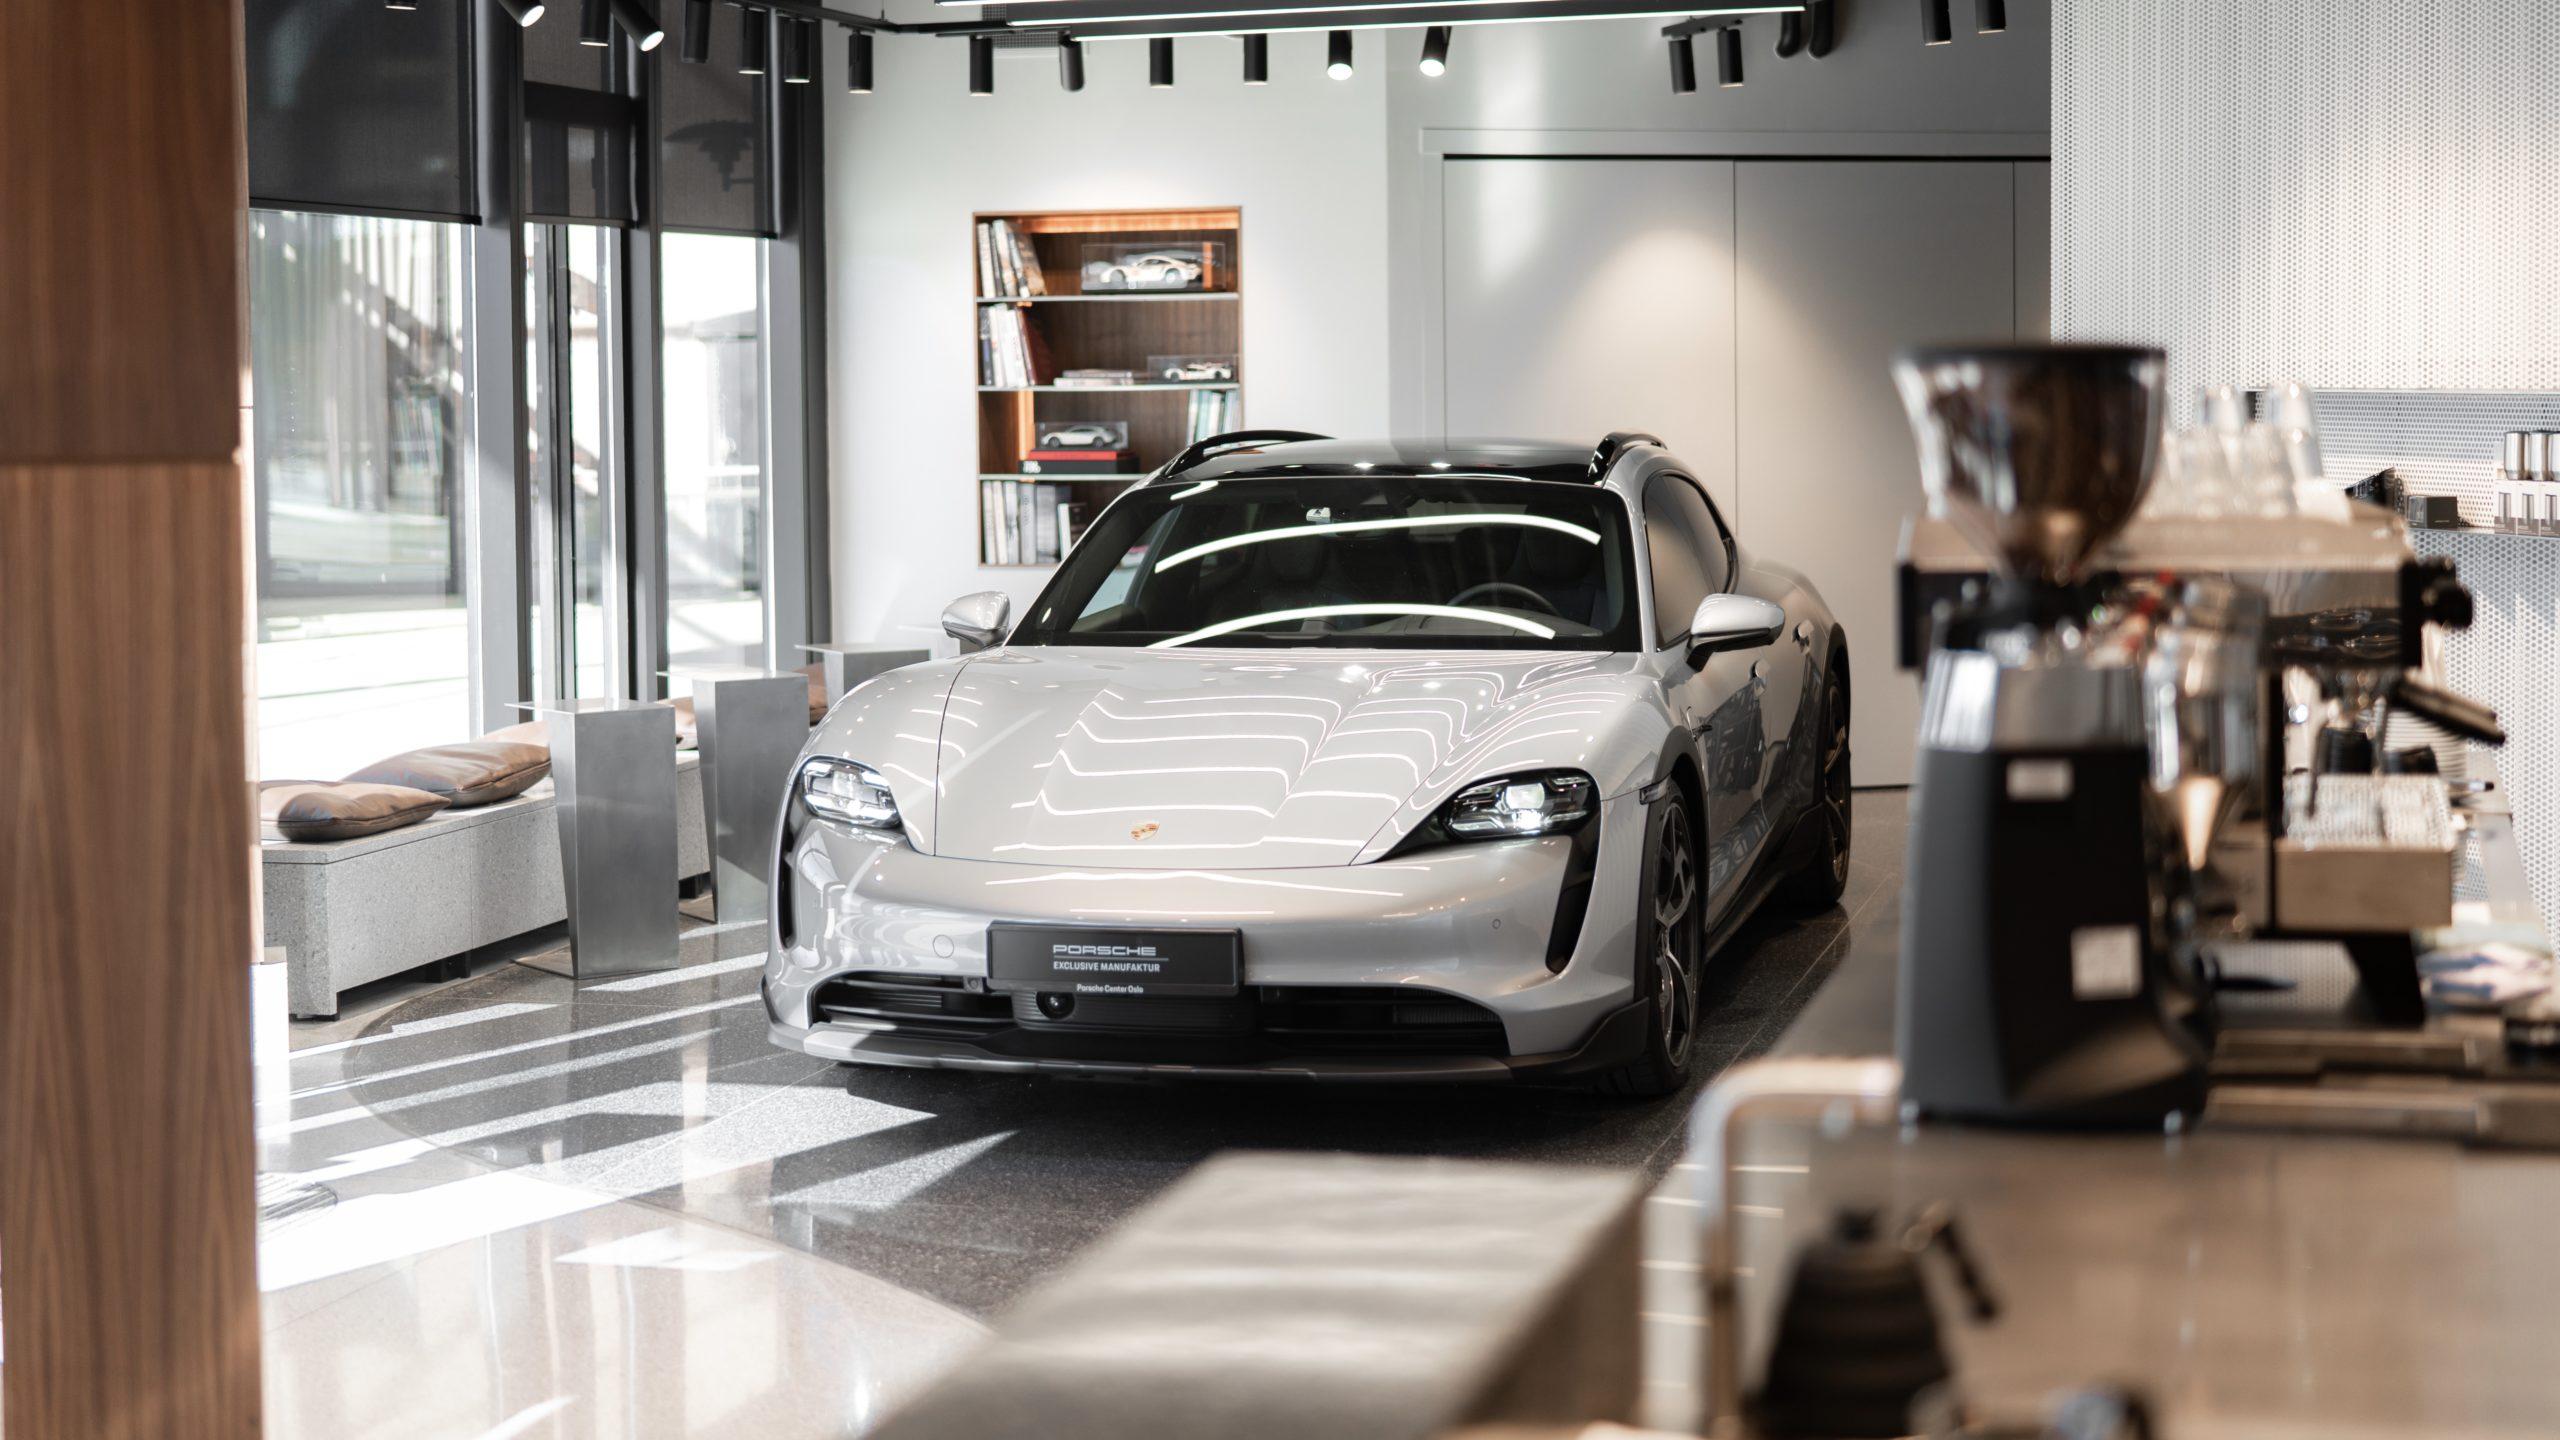 Porsche Studio Oslo (Fotos: Porsche AG)